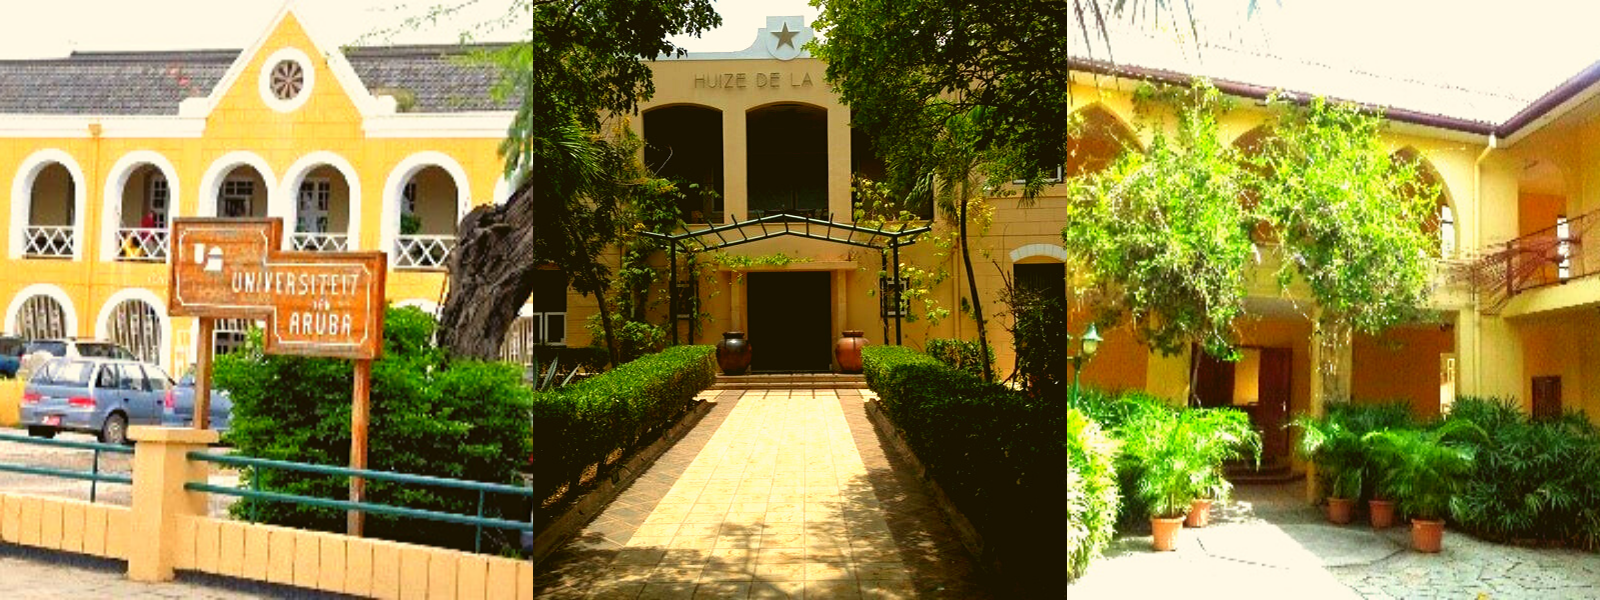 'Anders' Werken als Universitair Gastdocent Strafrecht op Aruba